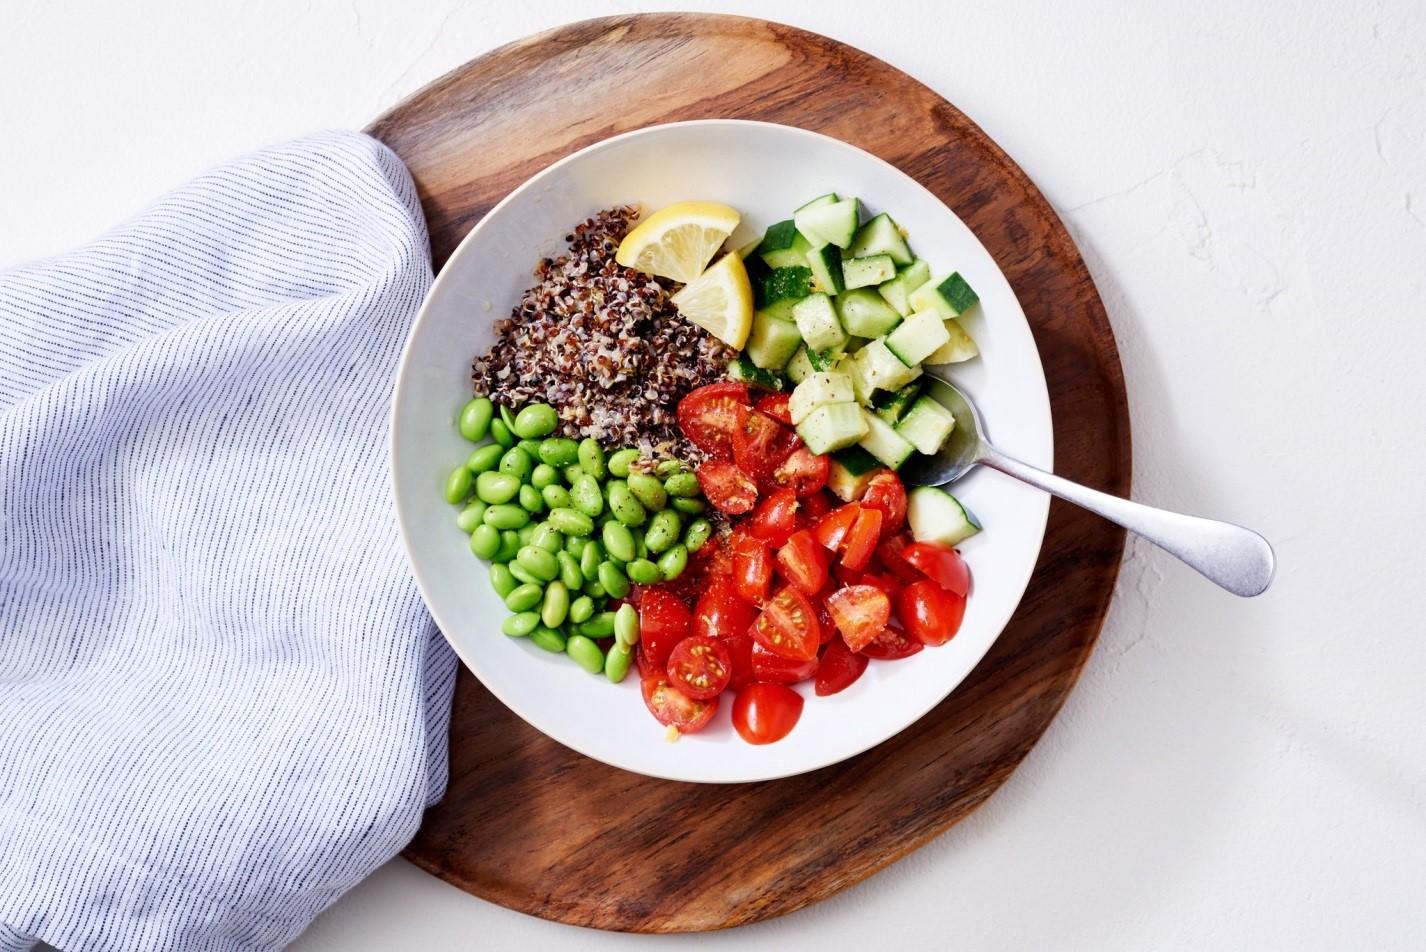 چه بخواهید چربی بسوزانید یا عضله بسازید، برنامه غذایی تان به این مورد نیاز دارد